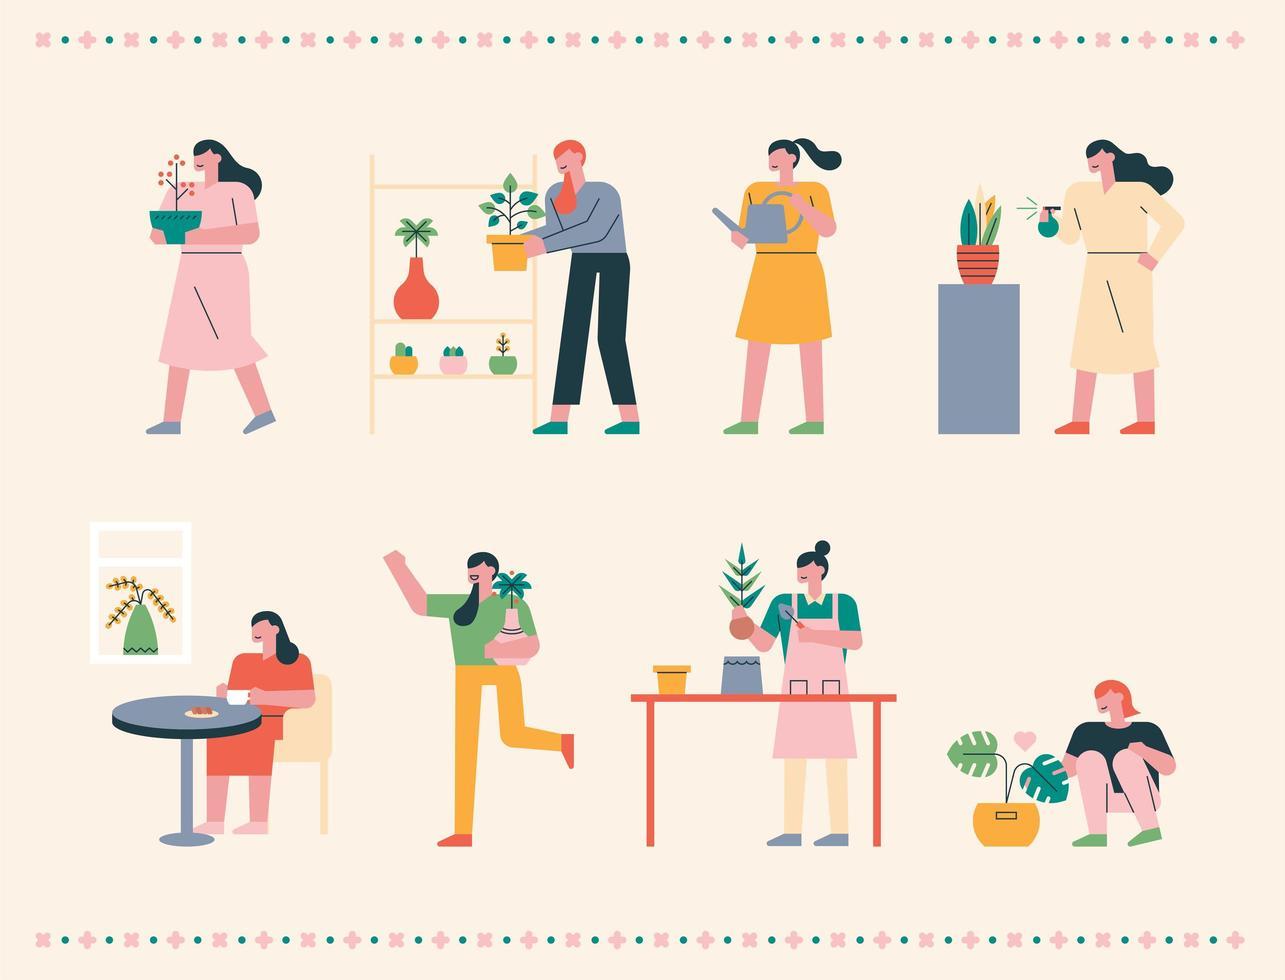 Home gardening people. vector